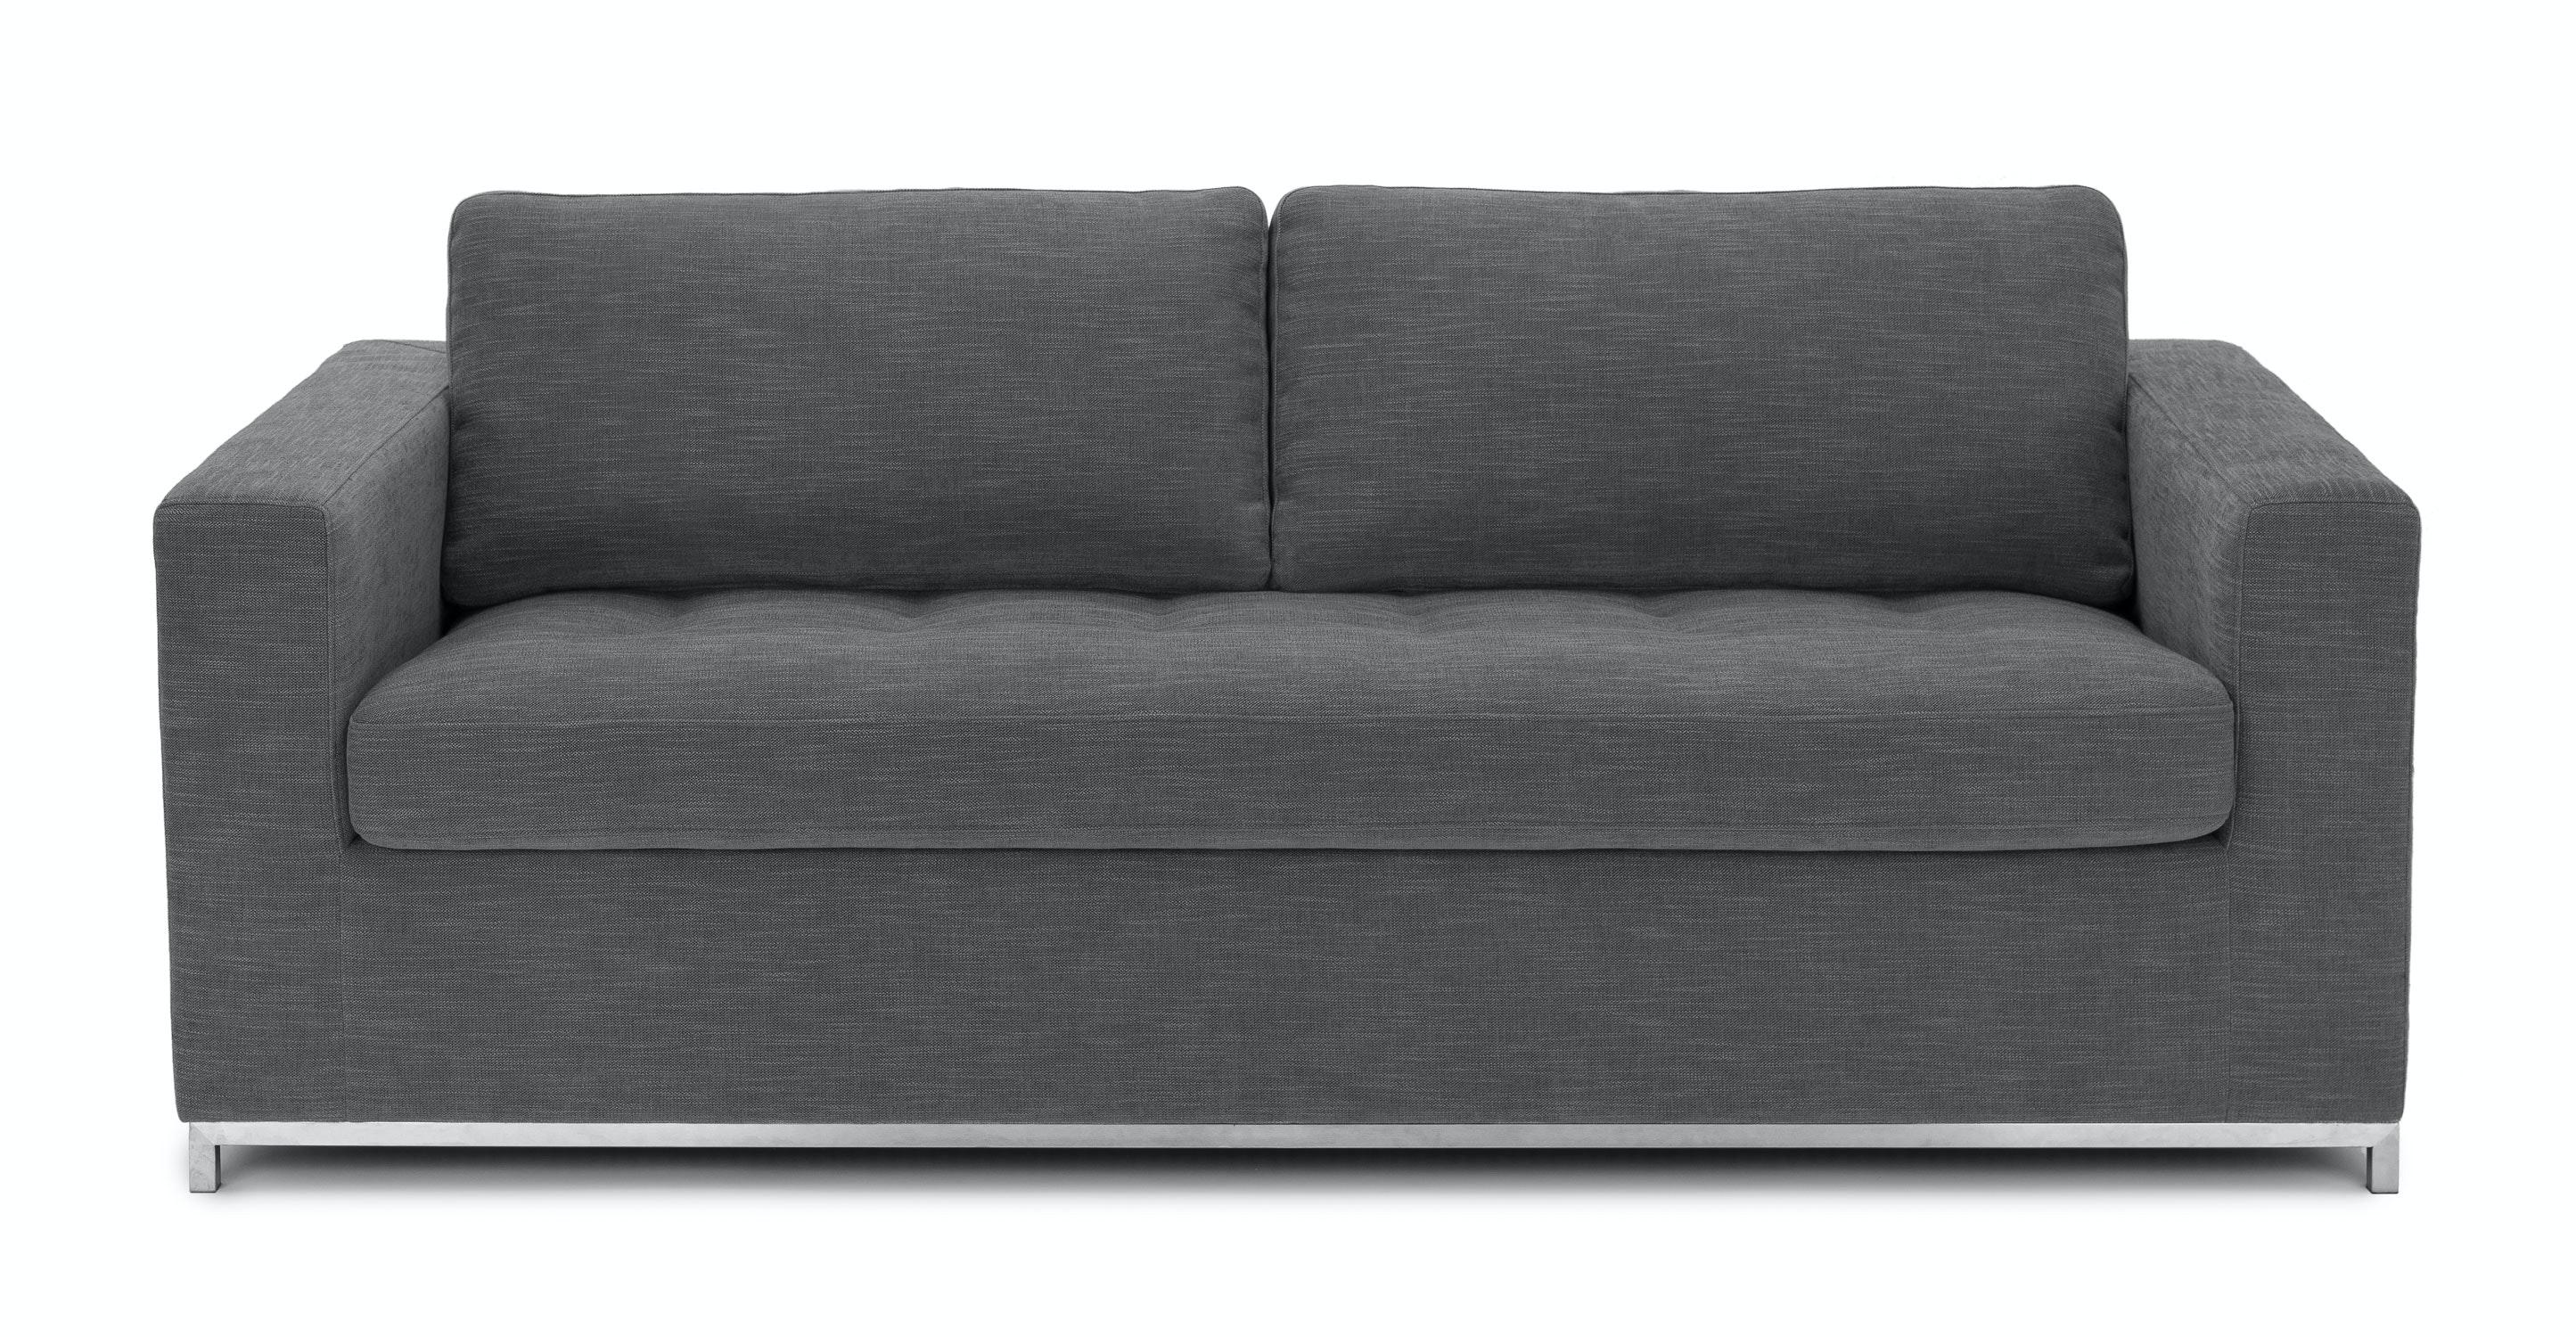 Soma Twilight Gray Sofa Bed